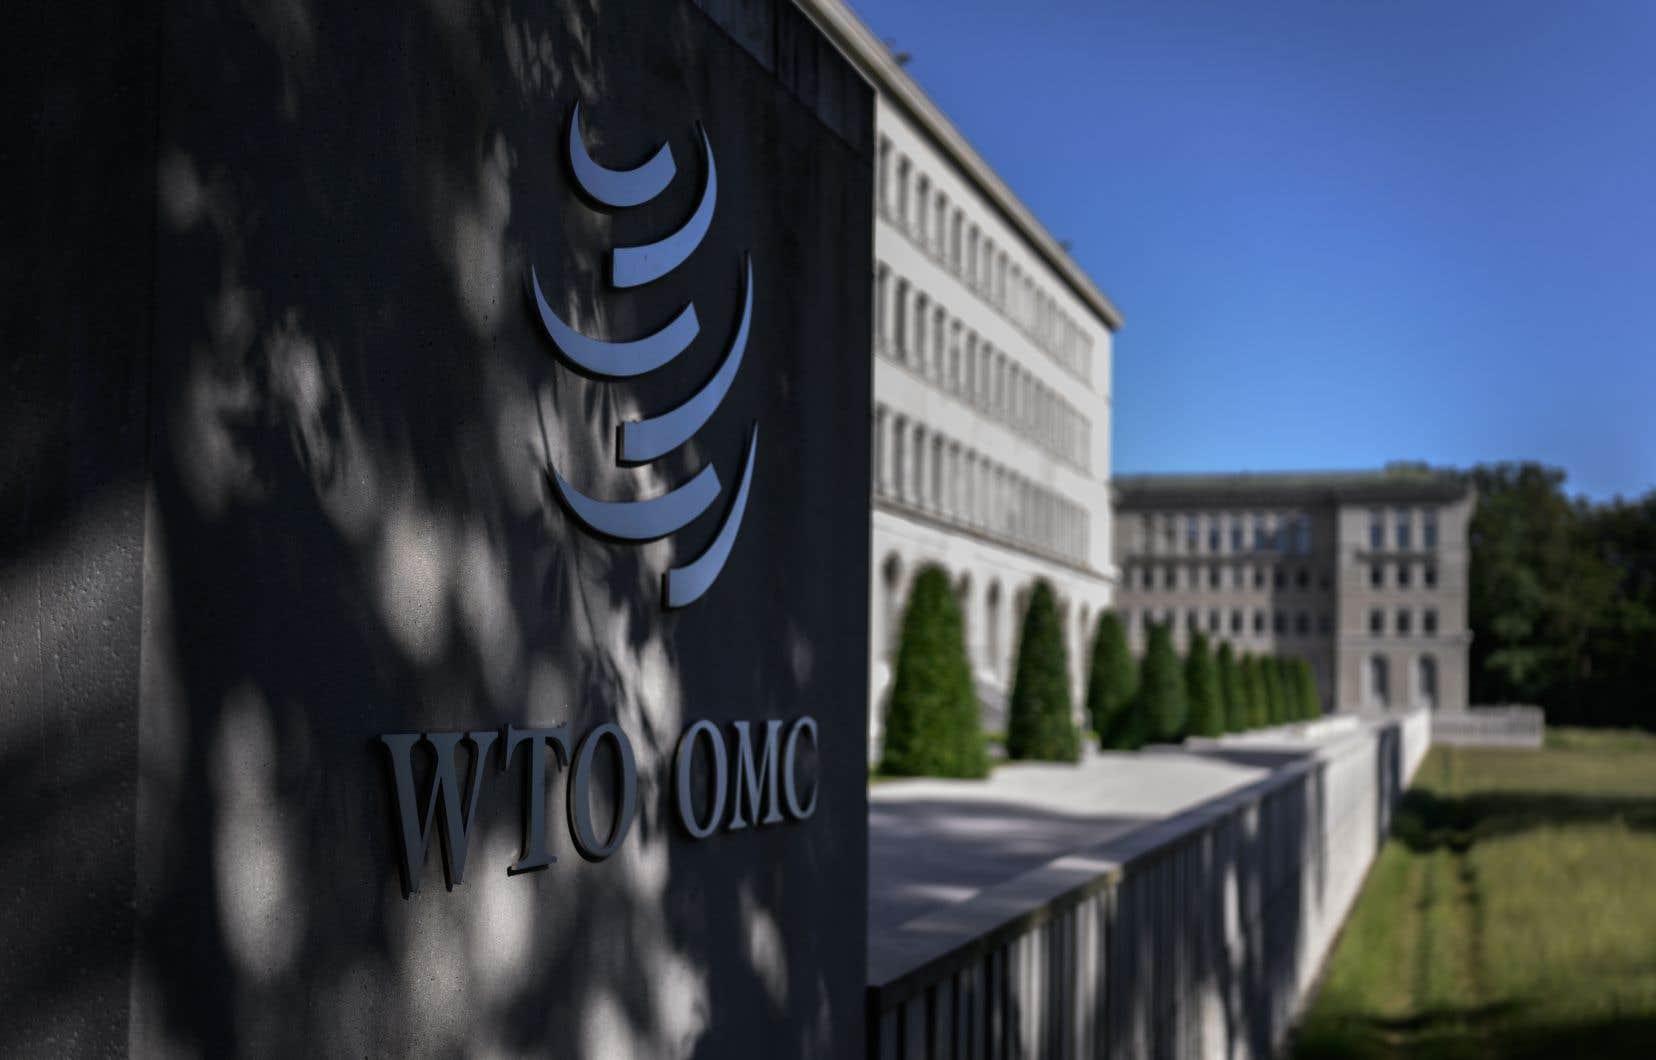 À compter du 8 septembre, les prétendants à la direction de l'OMC seront éliminés au fur et à mesure selon un mécanisme consensuel qui peut durer près de deux mois.